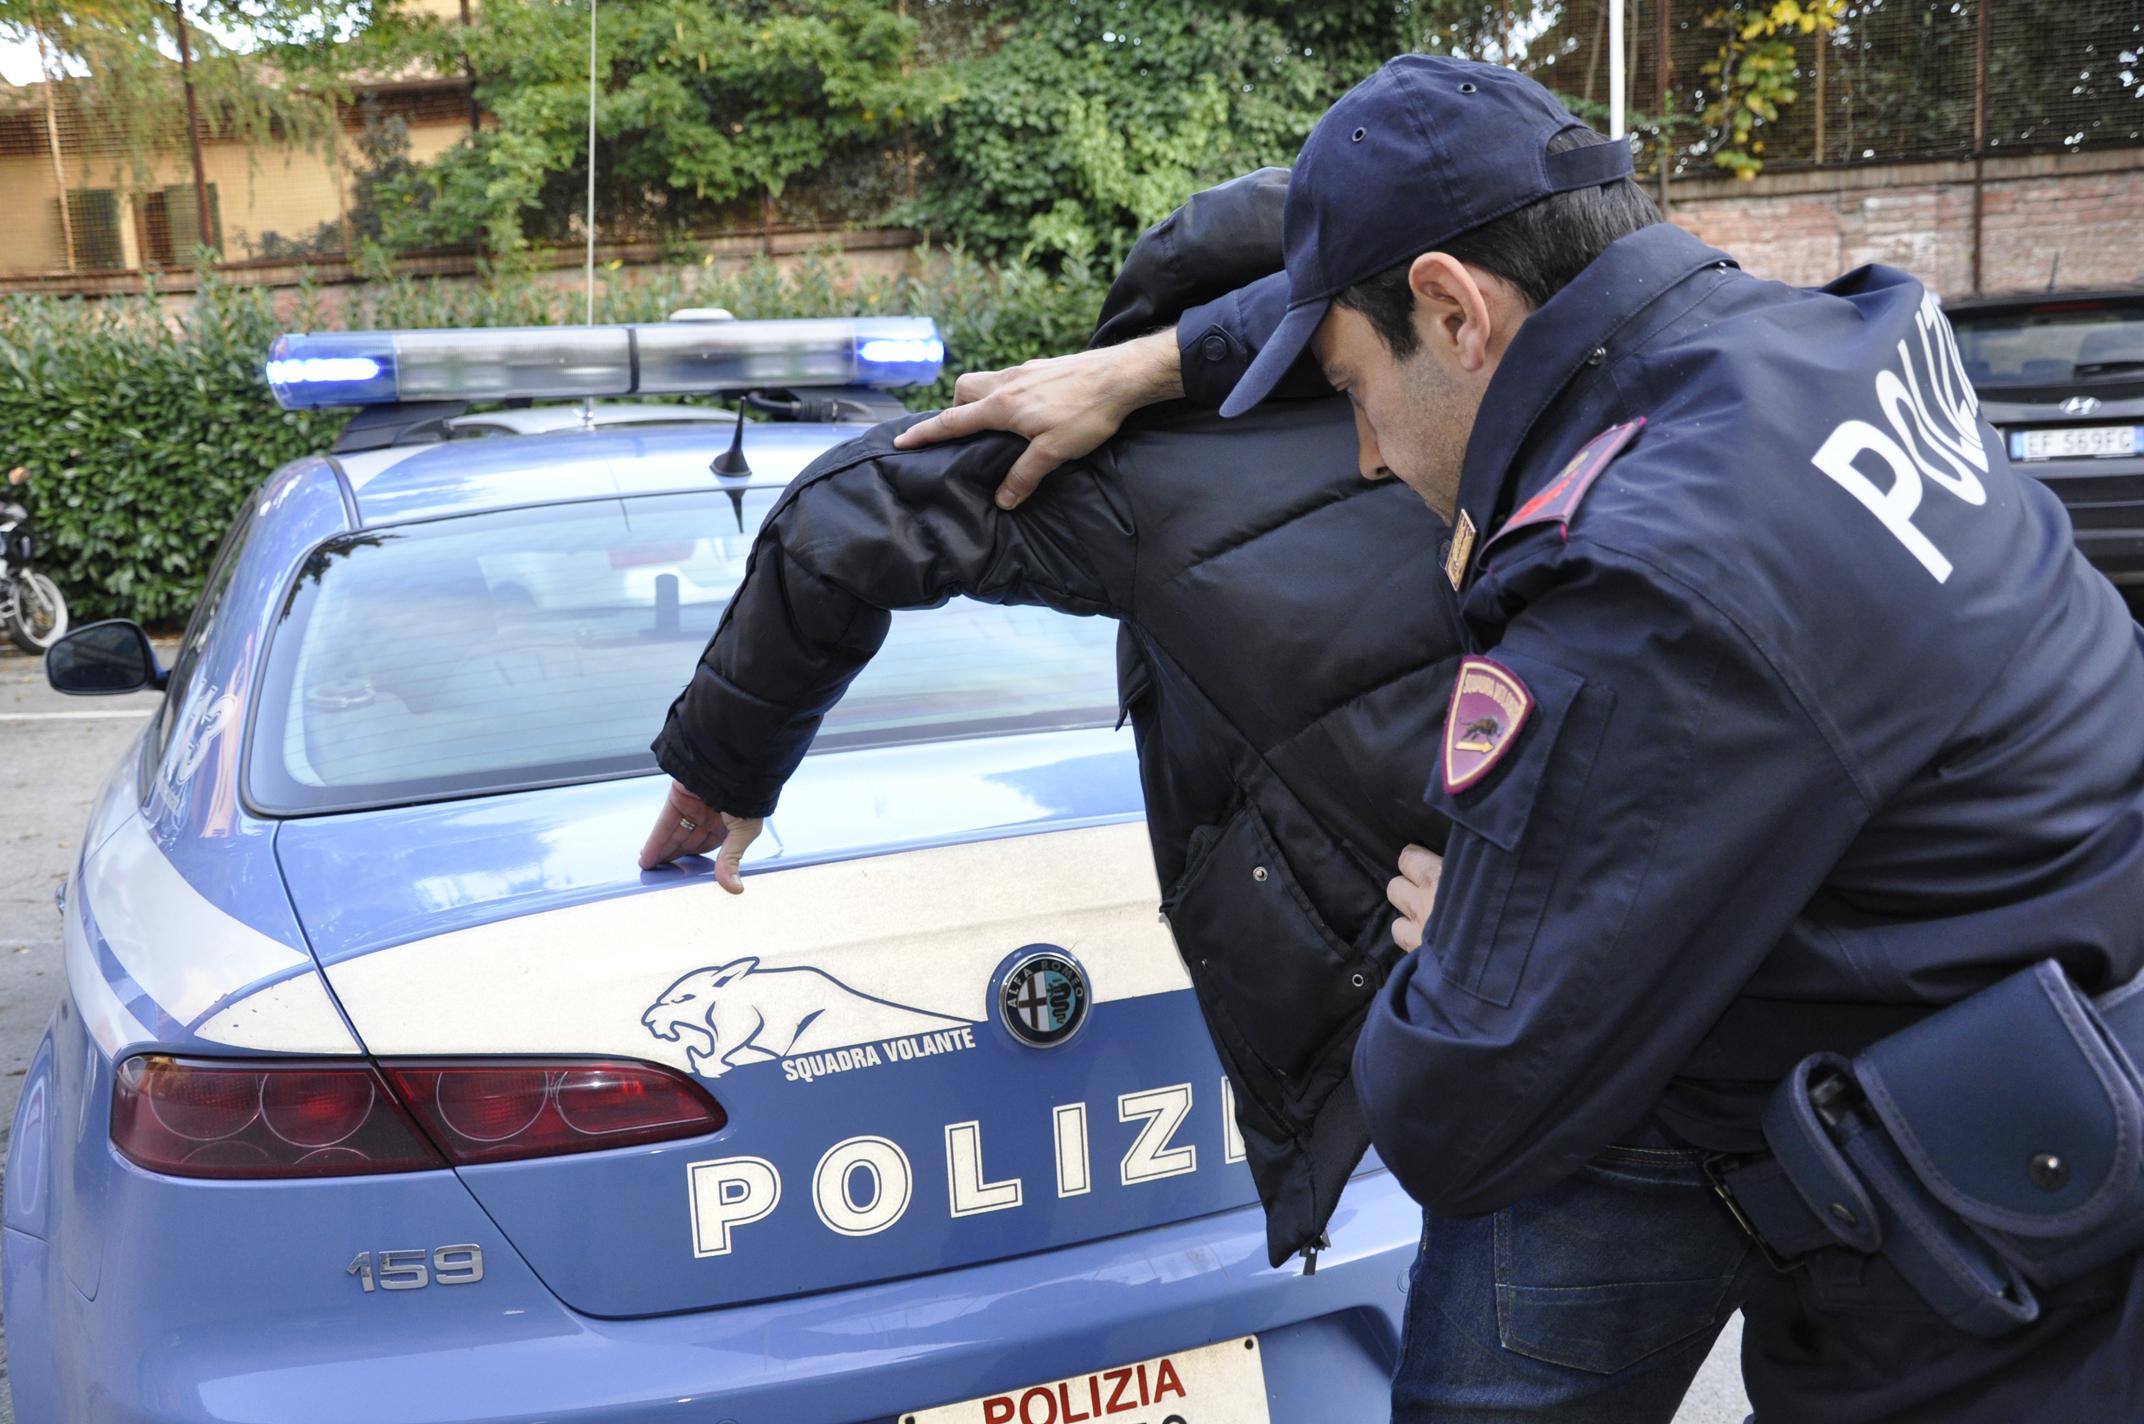 Iltelefono squilla dopo la rapina e la polizia arresta due giovani di Casoria e Pomigliano d'Arco. La vittima è un ragazzino di San Giorgio a Cremano